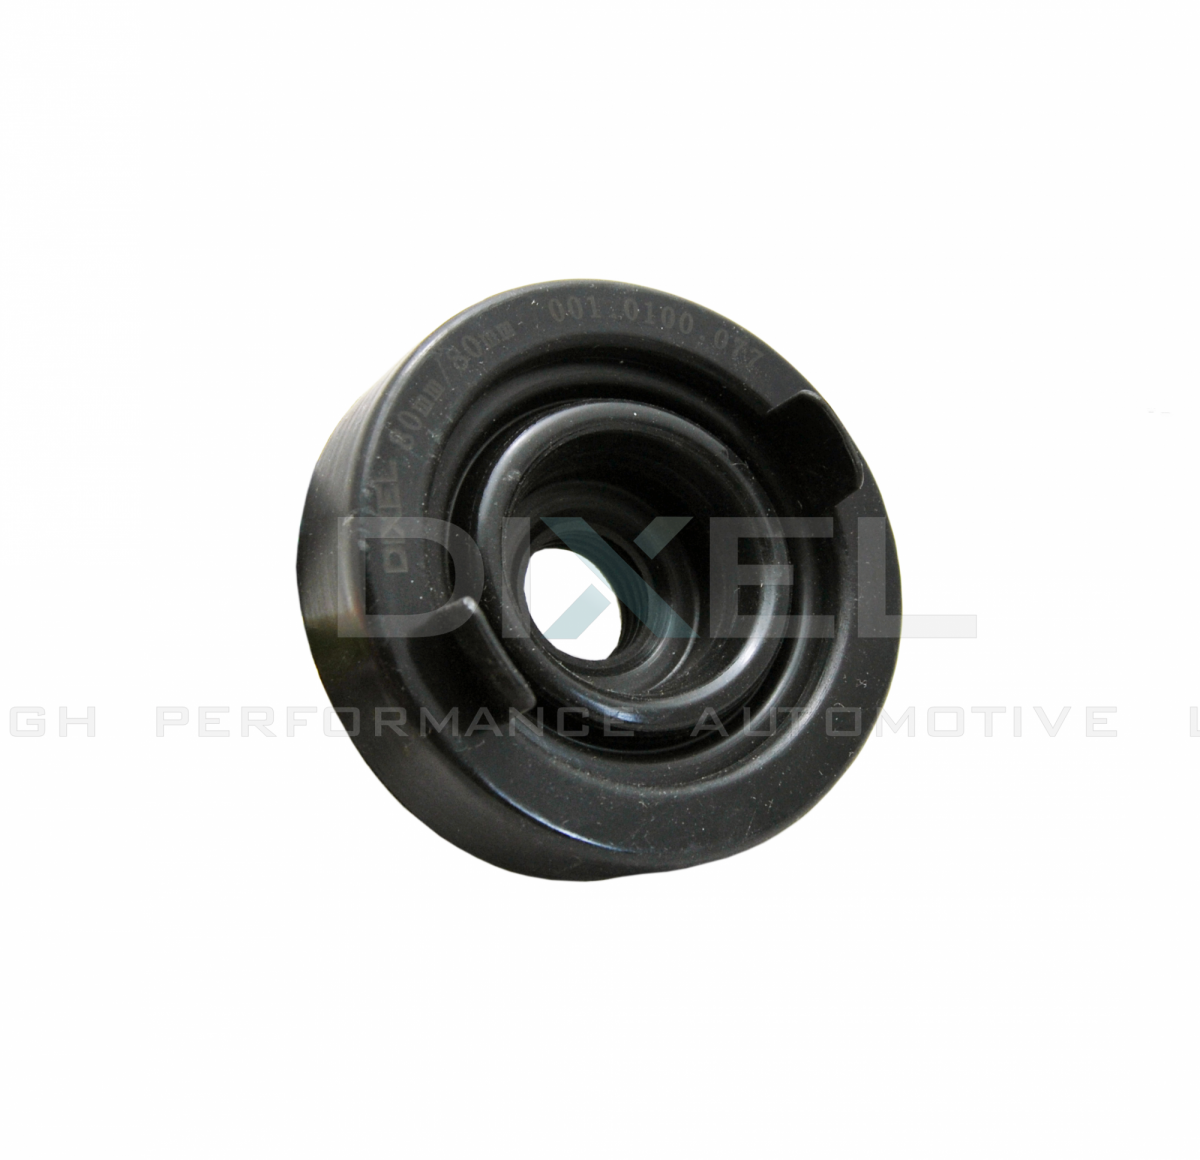 Универсальная крышка для фары H4 диаметр 80 мм, высота 80 мм